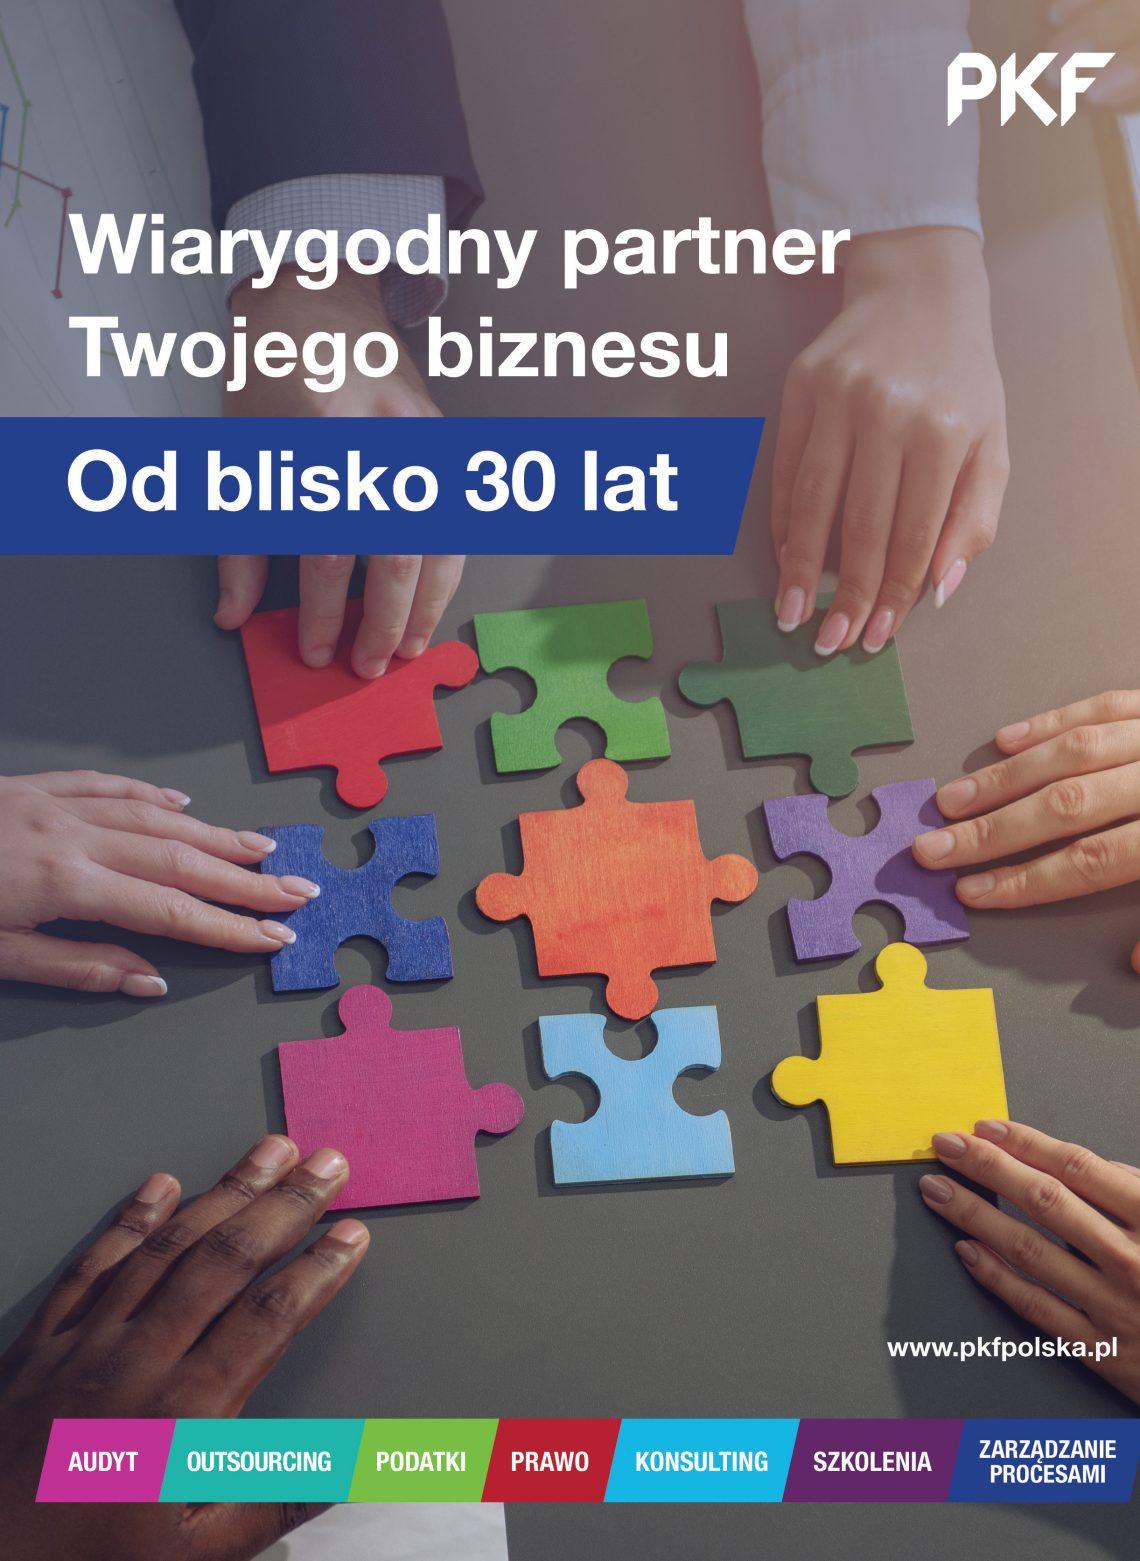 www.pkfpolska.pl